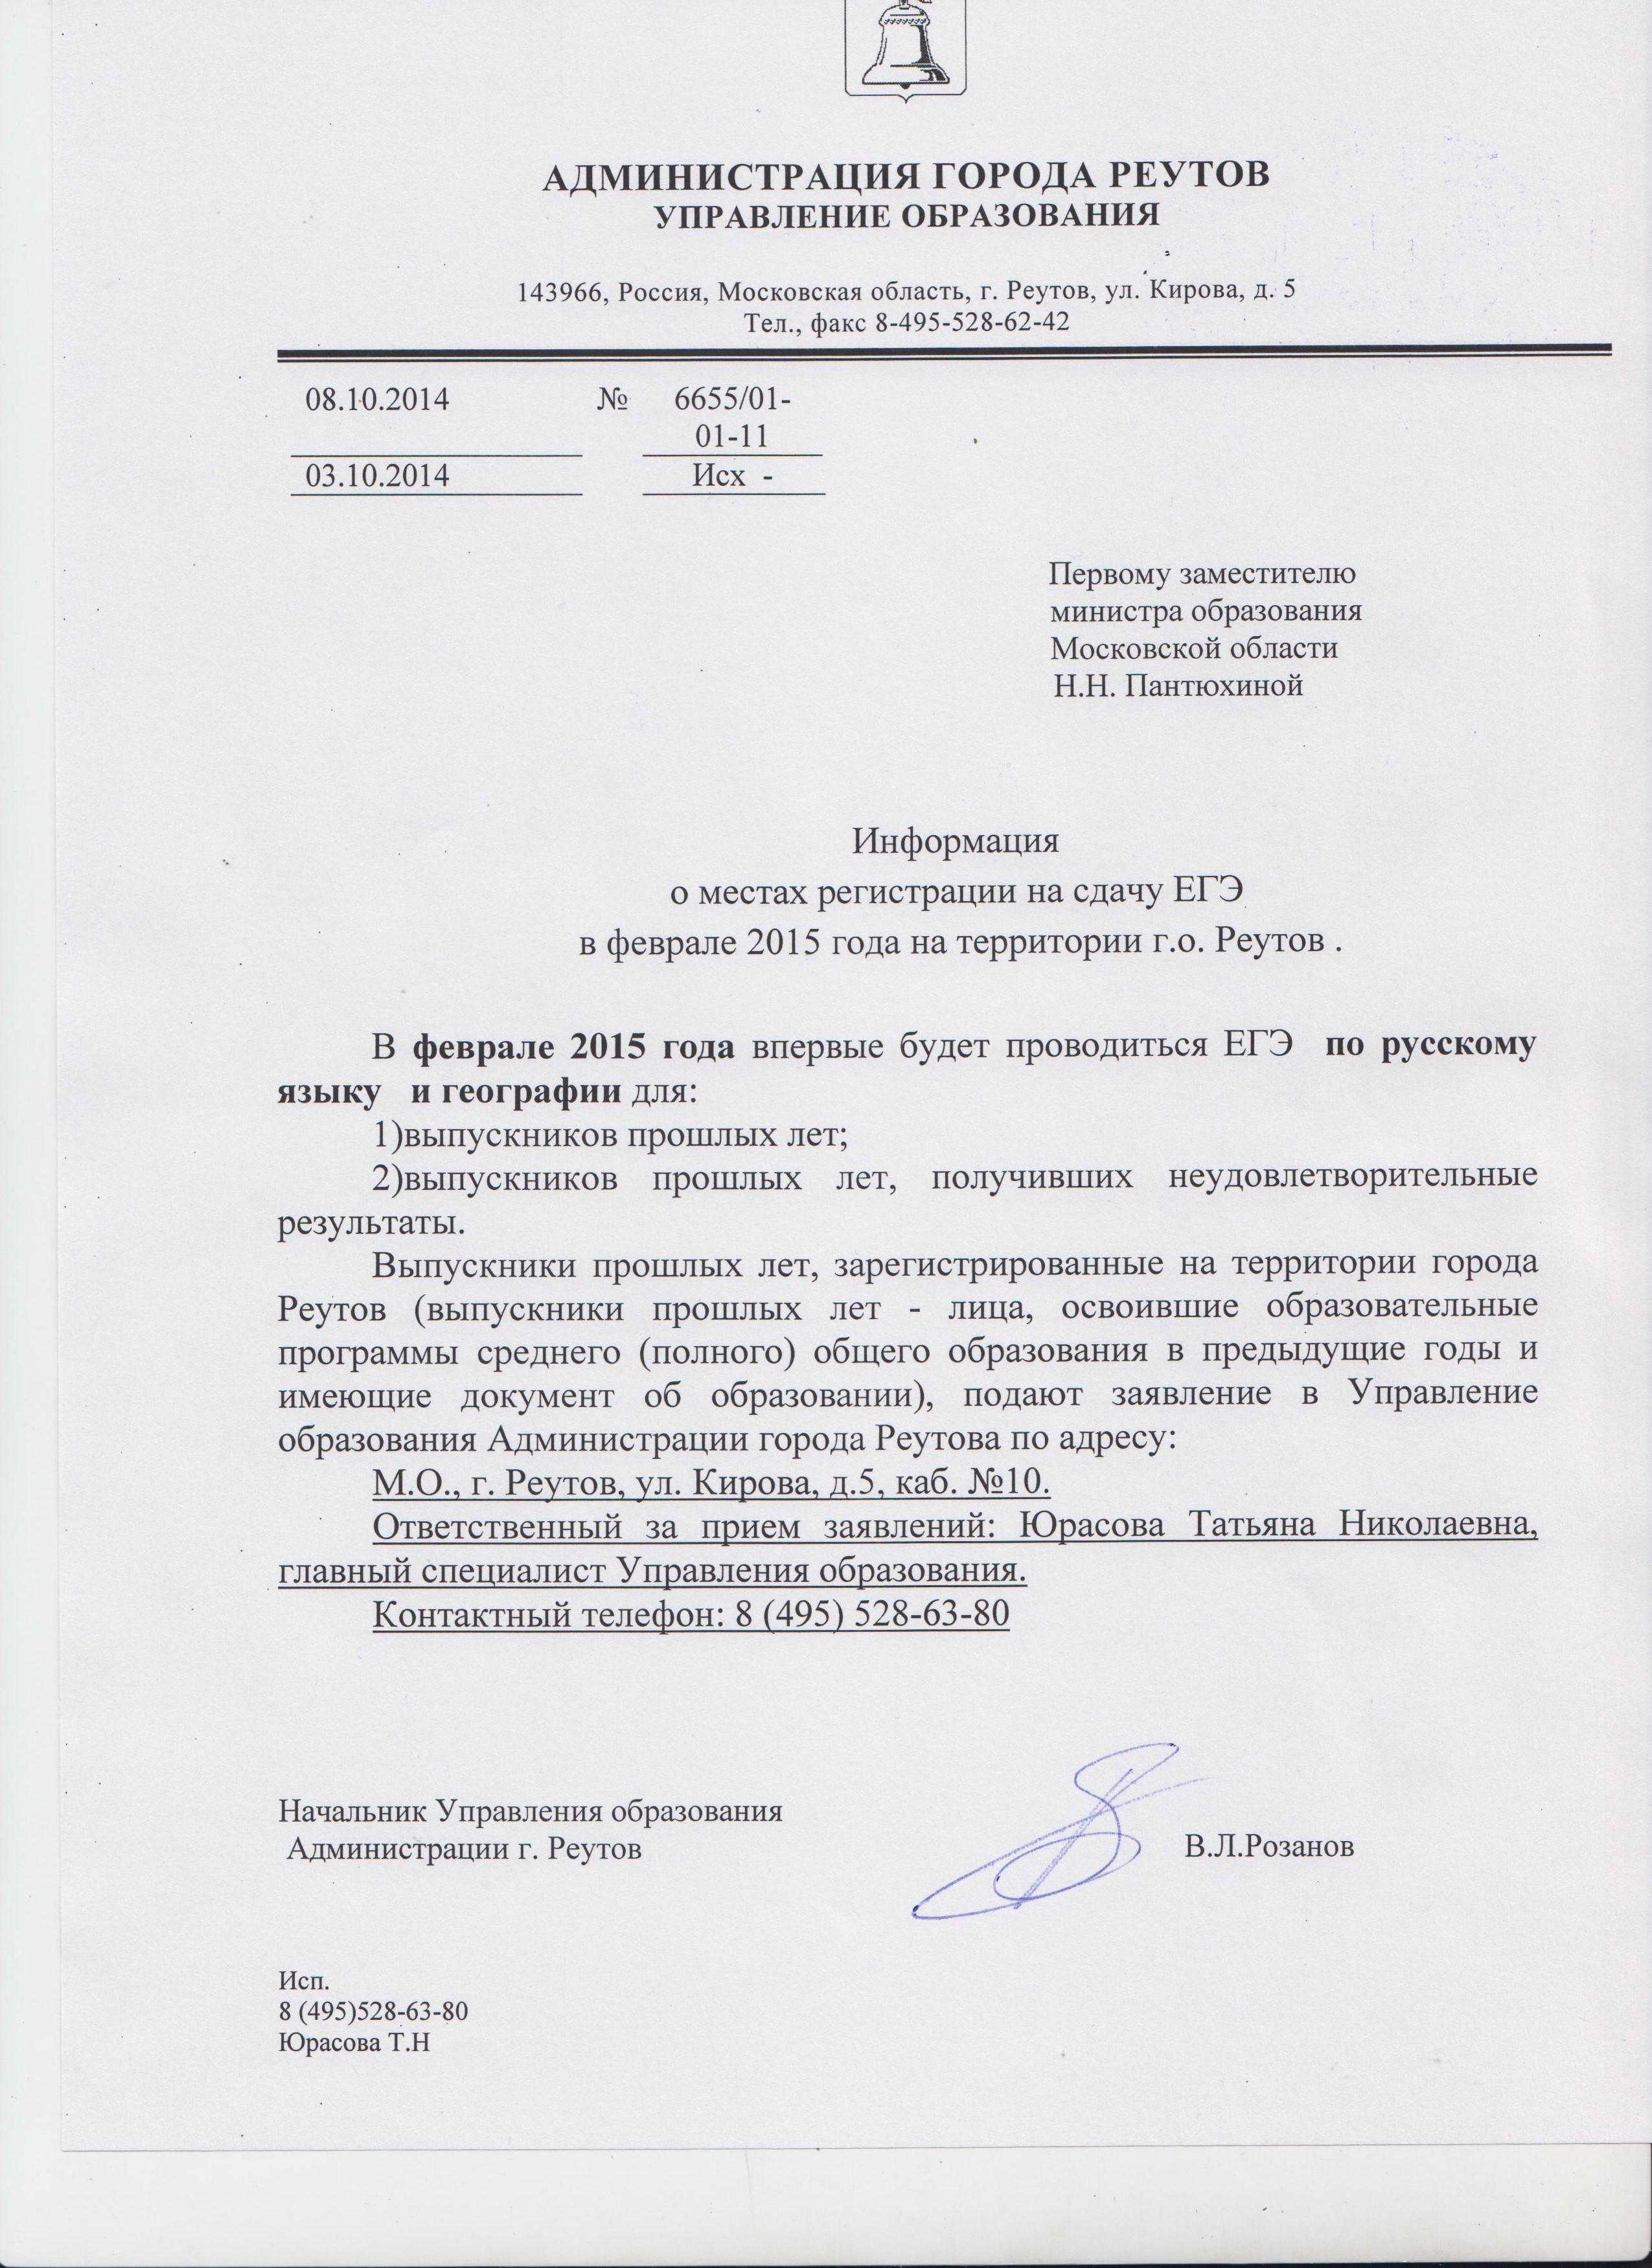 Информация о местах регистрации на сдачу ЕГЭ